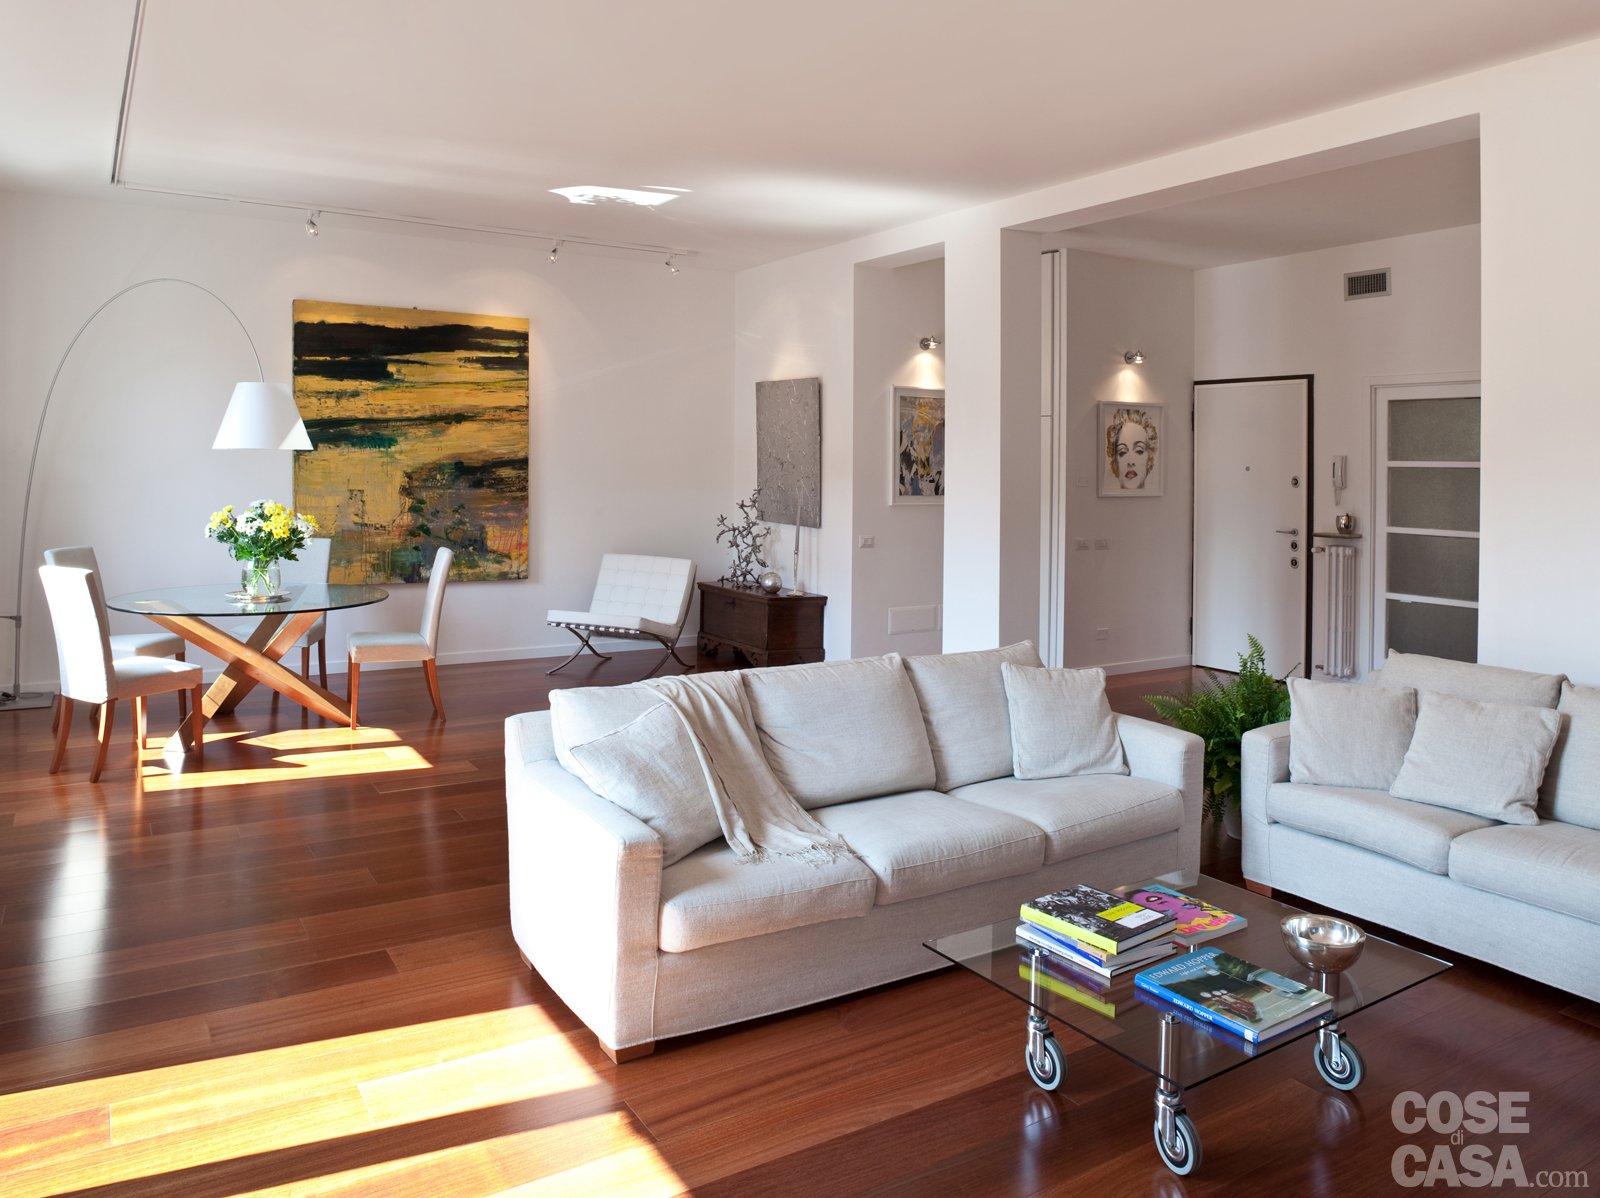 casa immobiliare accessori come arredare soggiorno con